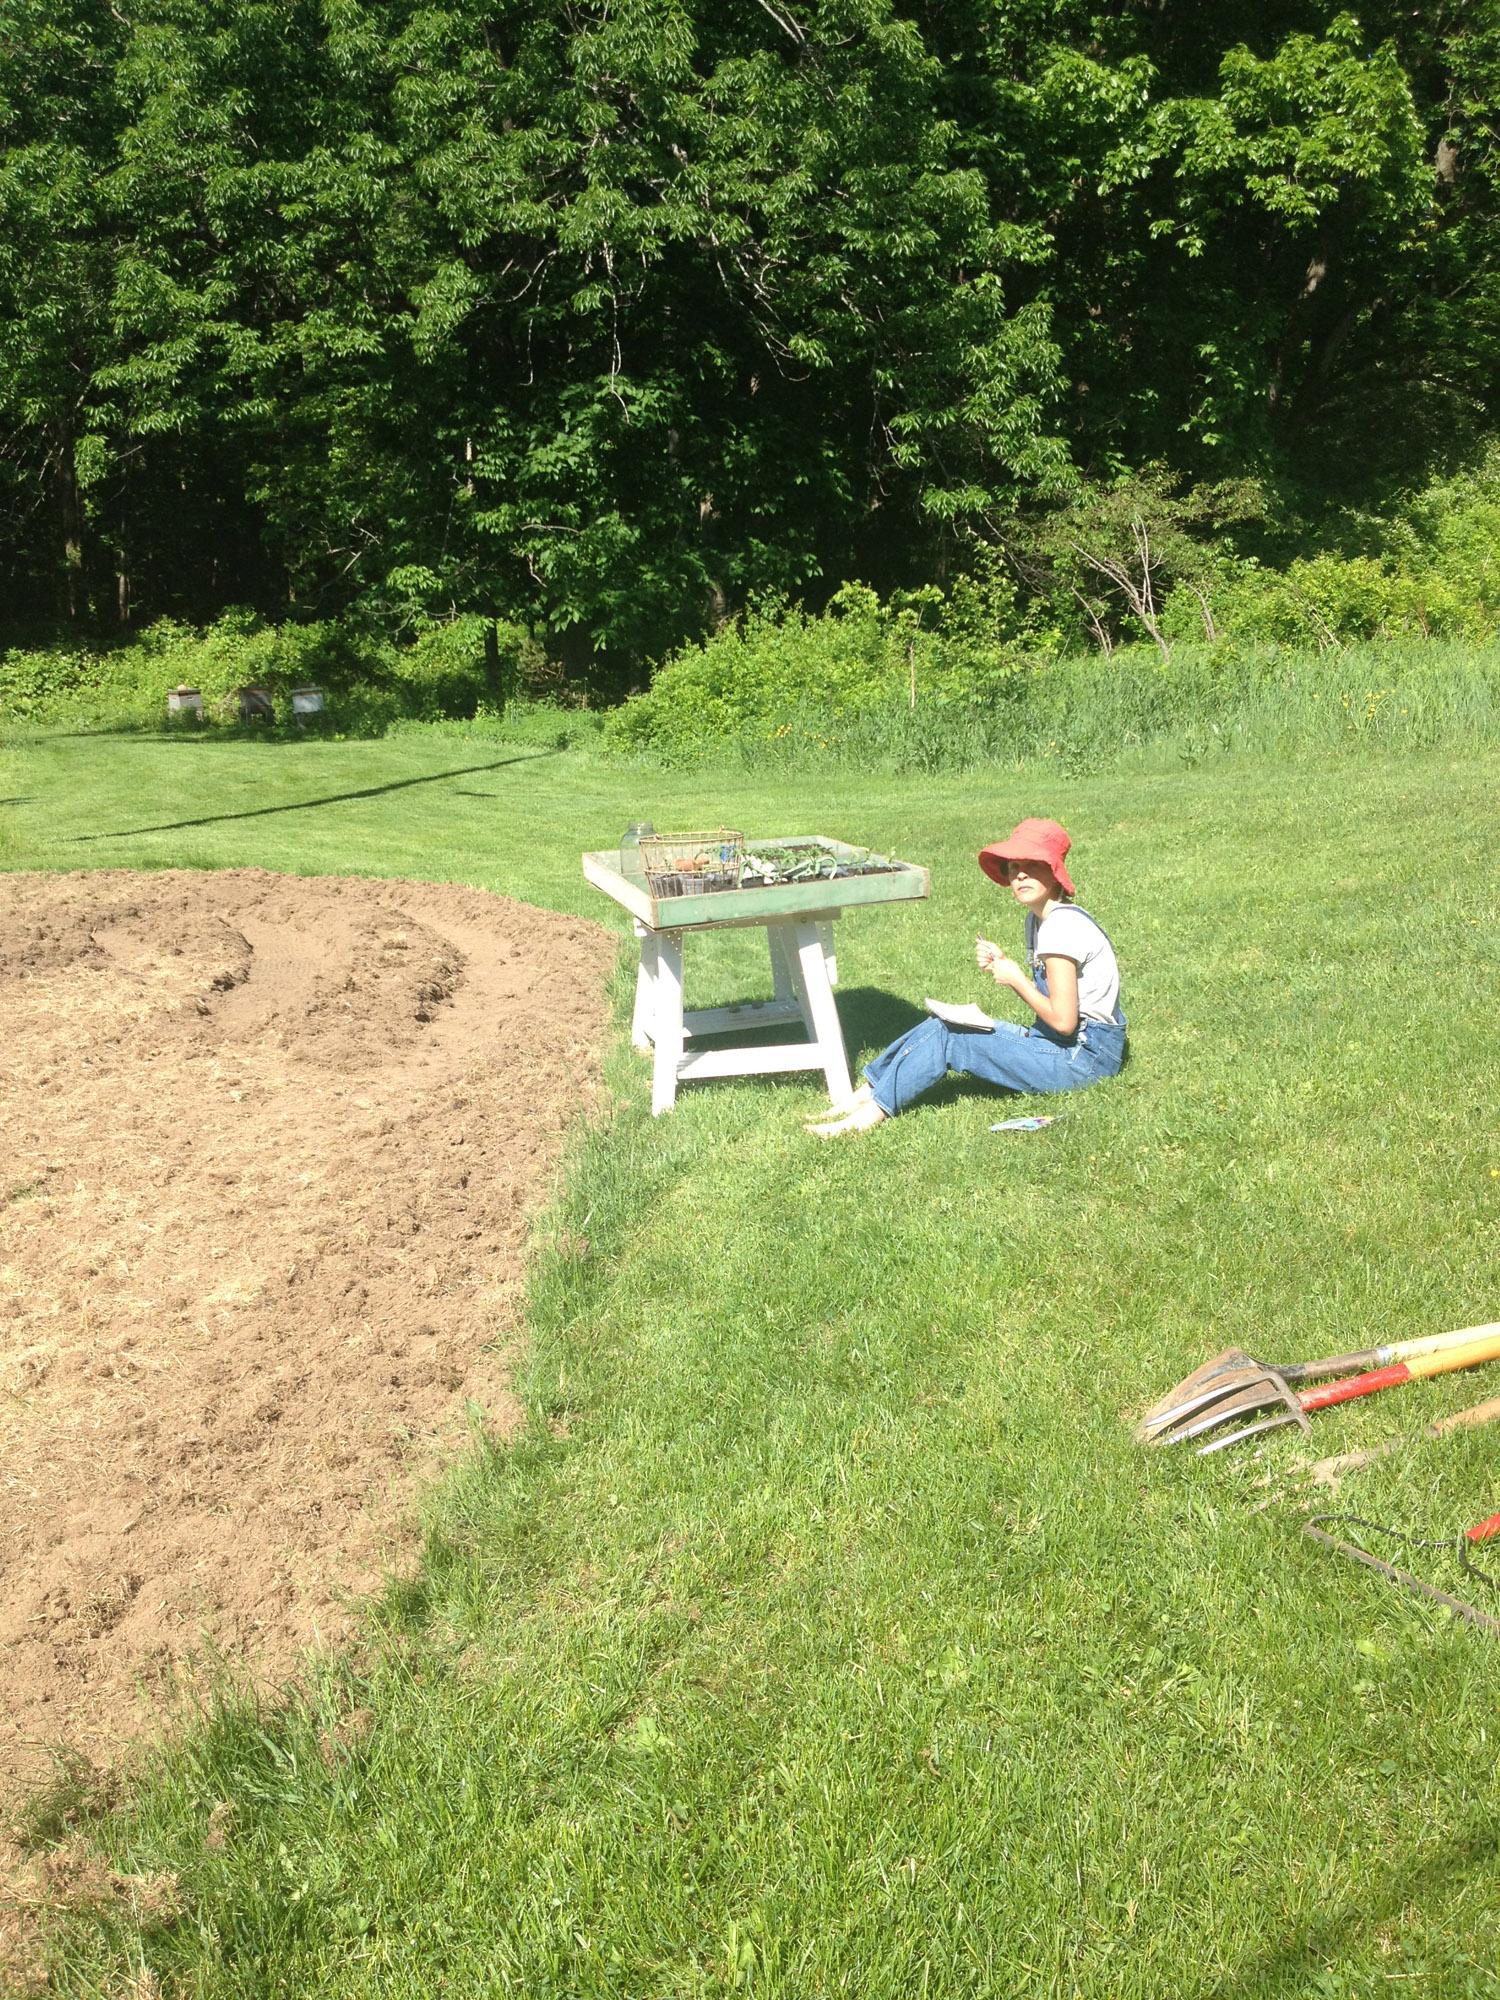 gardenbeginning.web.jpg